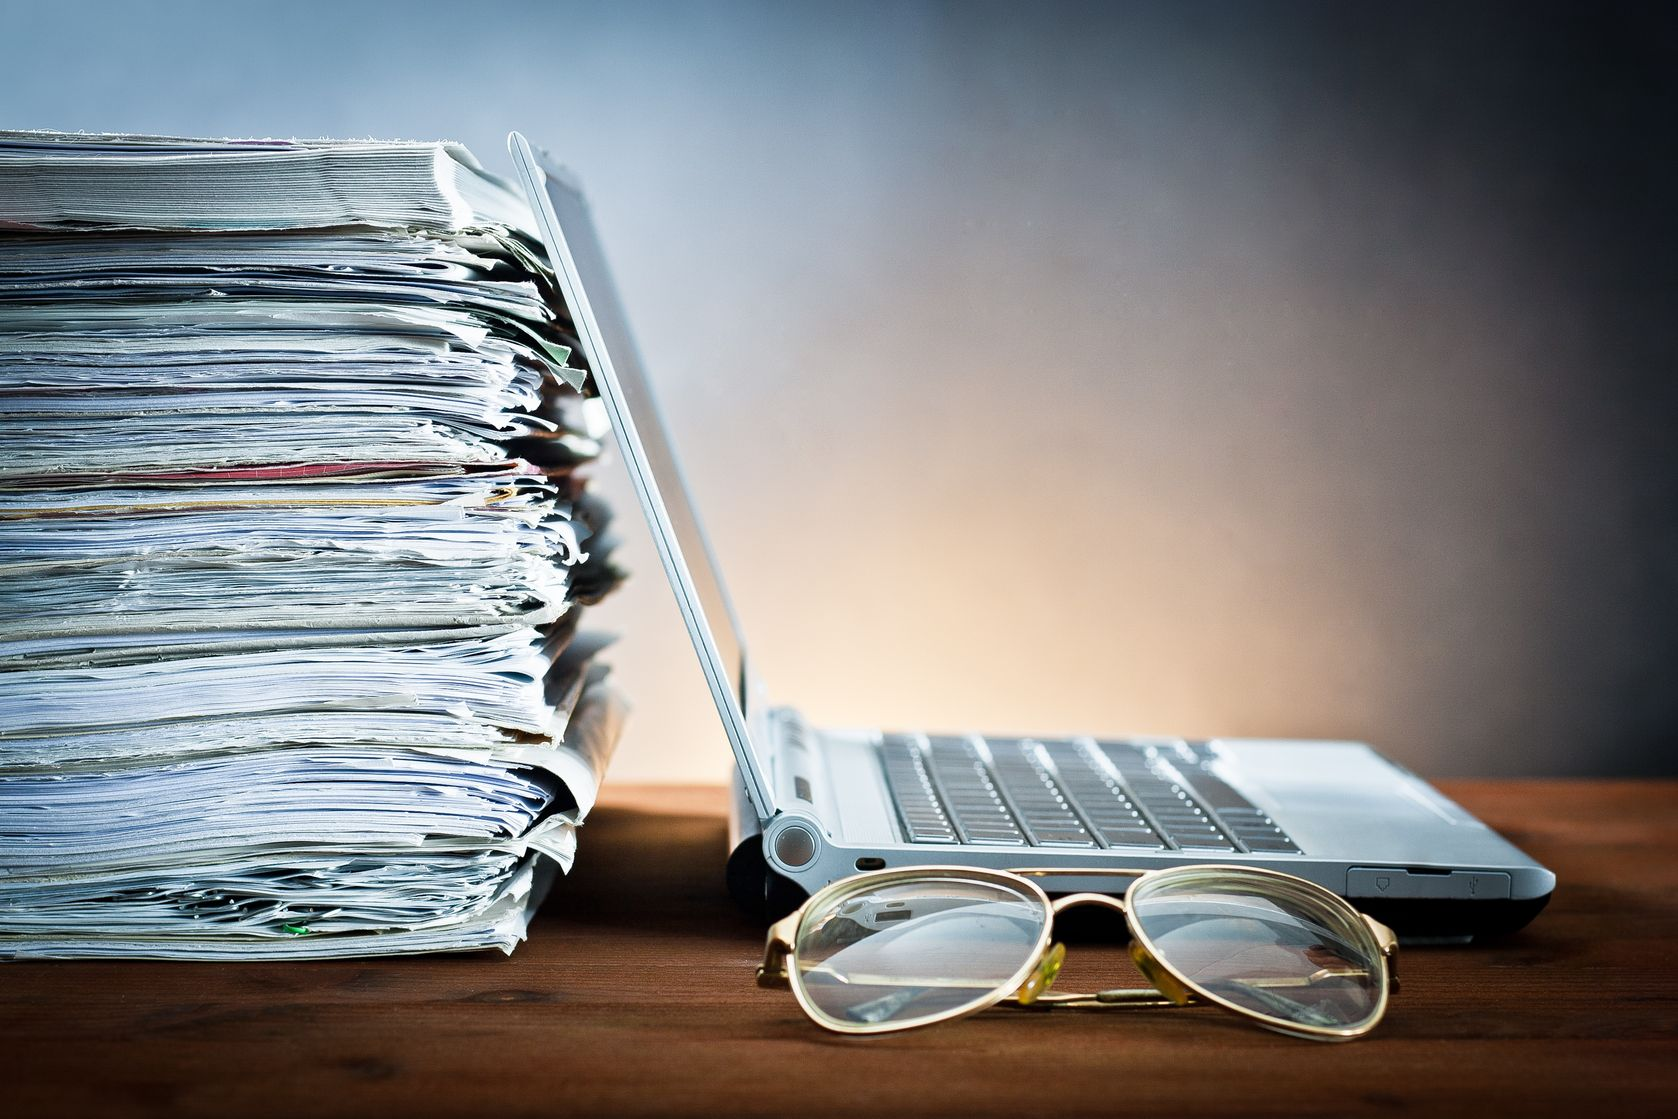 Novinarske dileme – Objaviti ili ne neku informaciju, fotografiju ili snimak